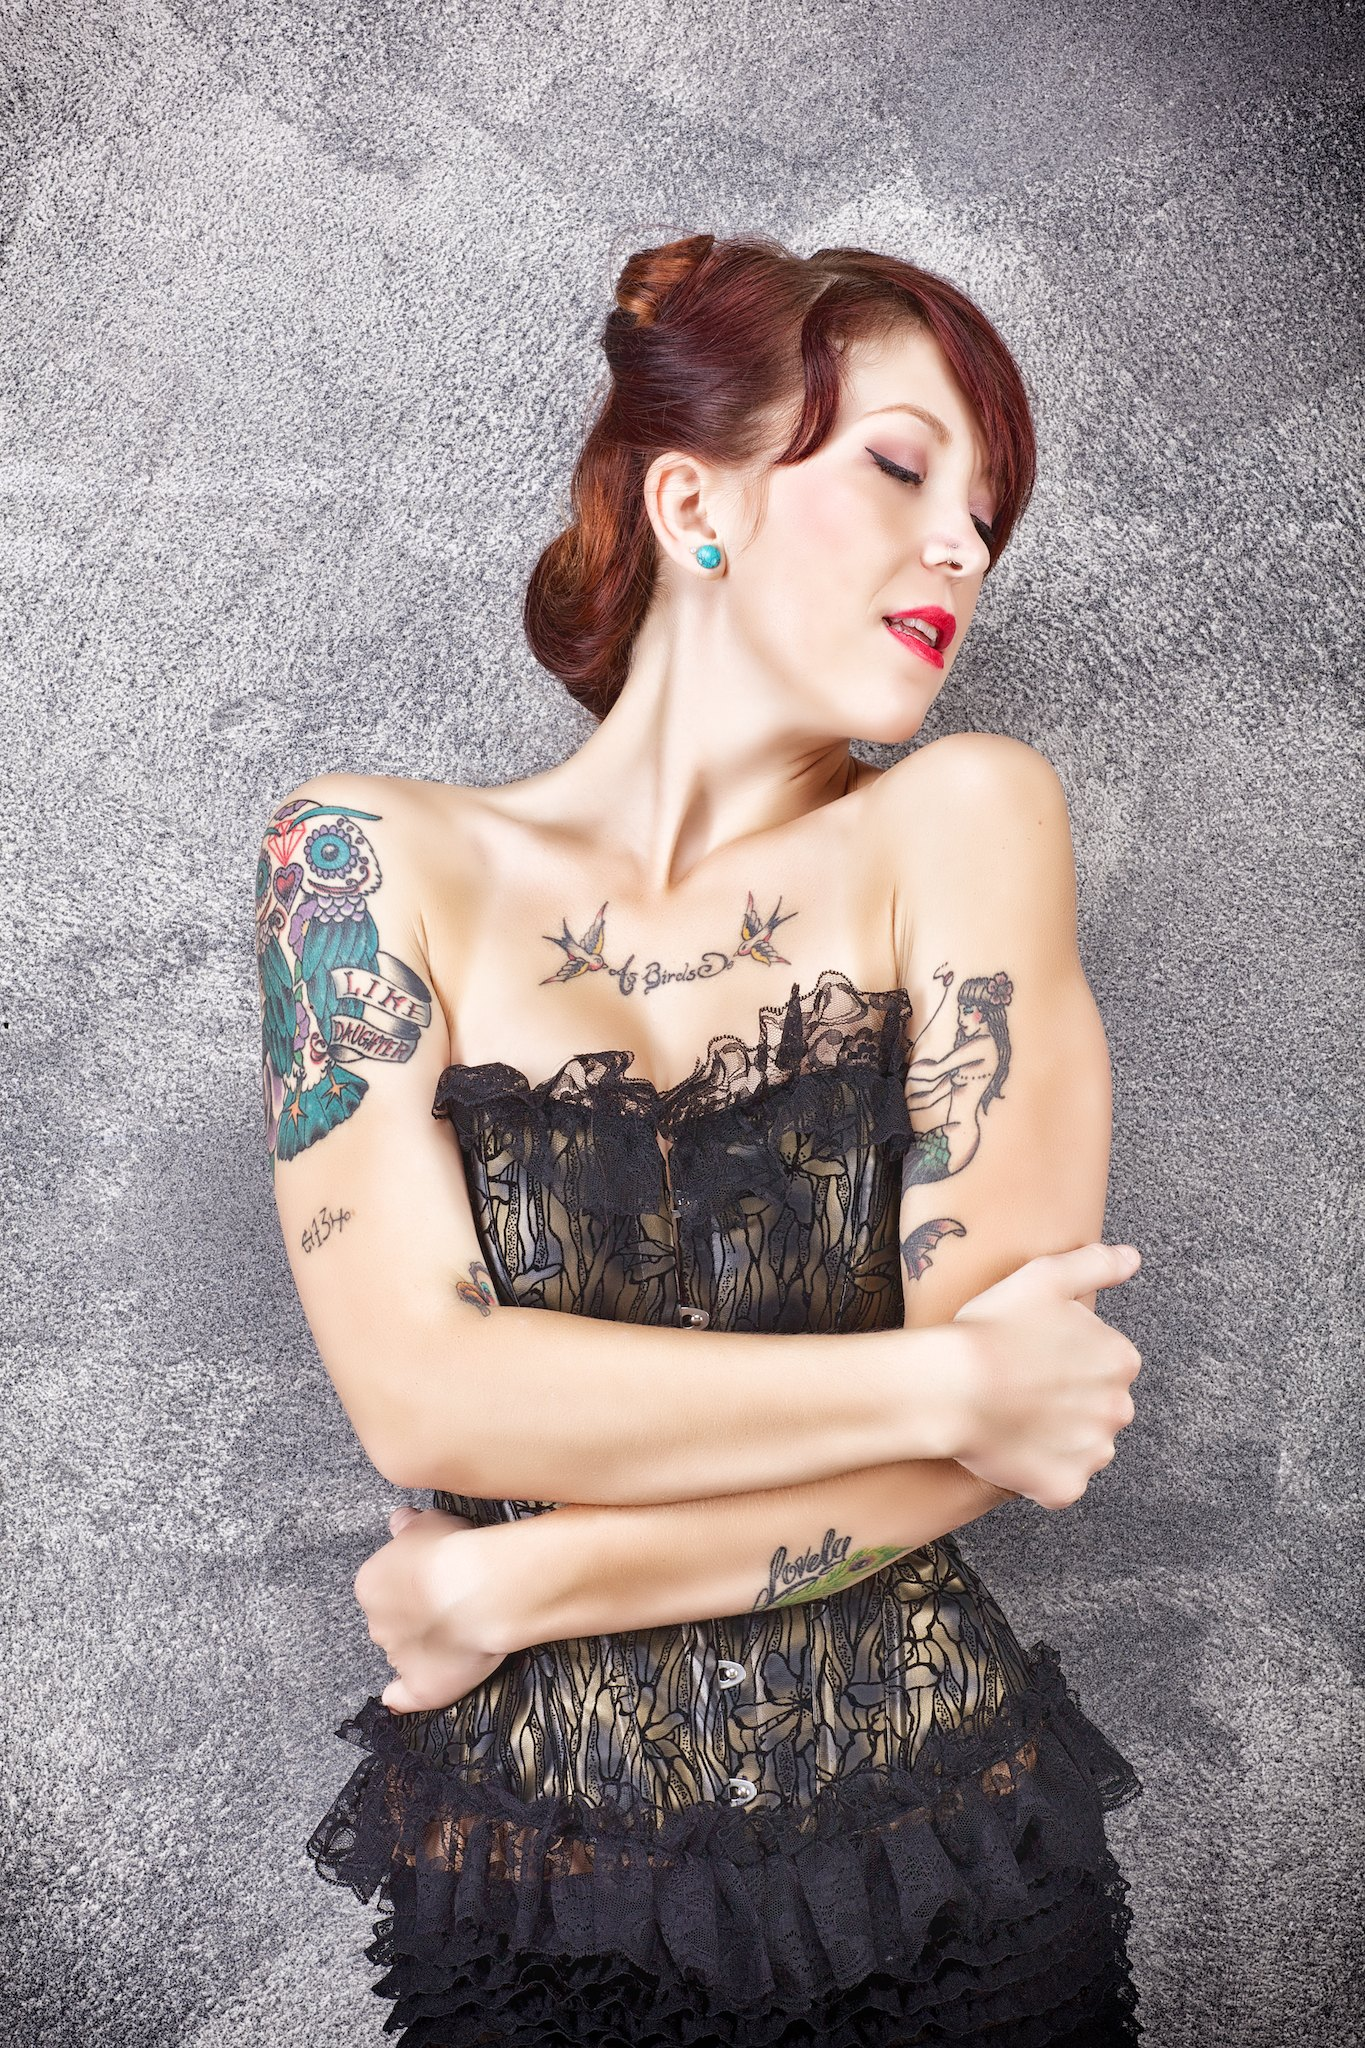 Miss Audra Dean